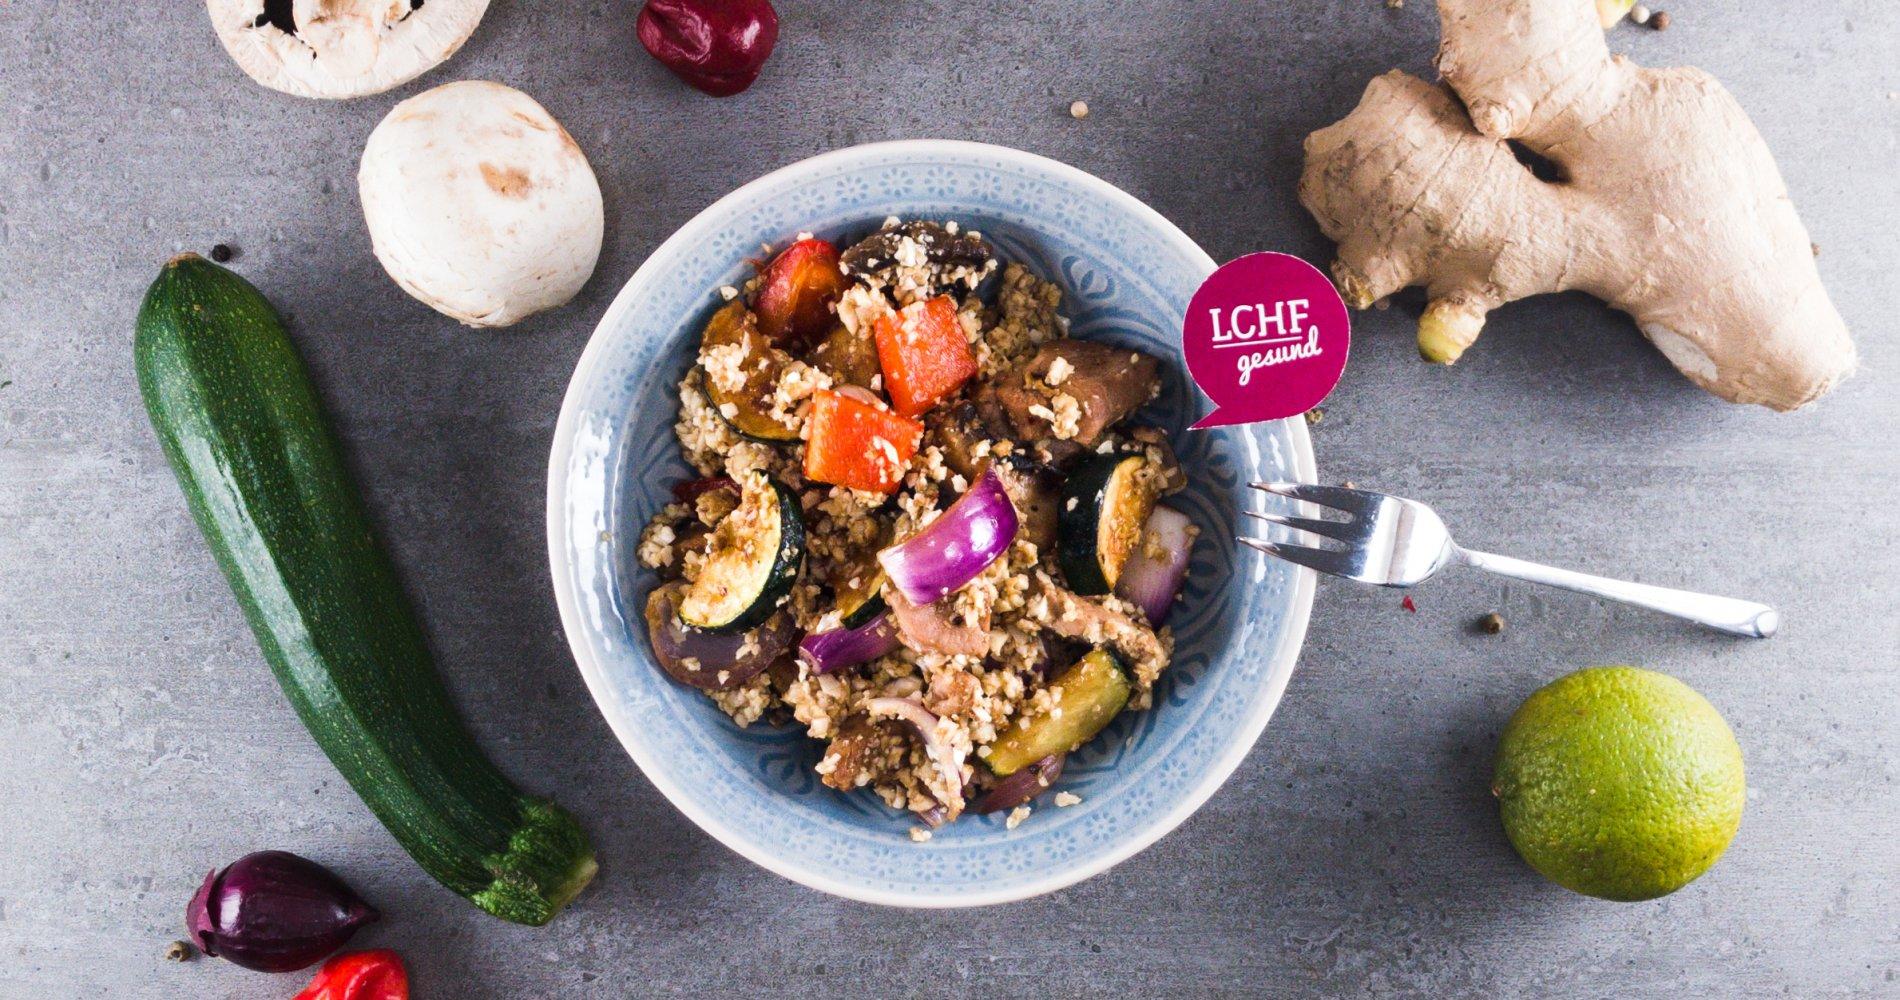 Rezept Low Carb: Asiatischer Gemüse-Eierreis - LCHF-gesund.de